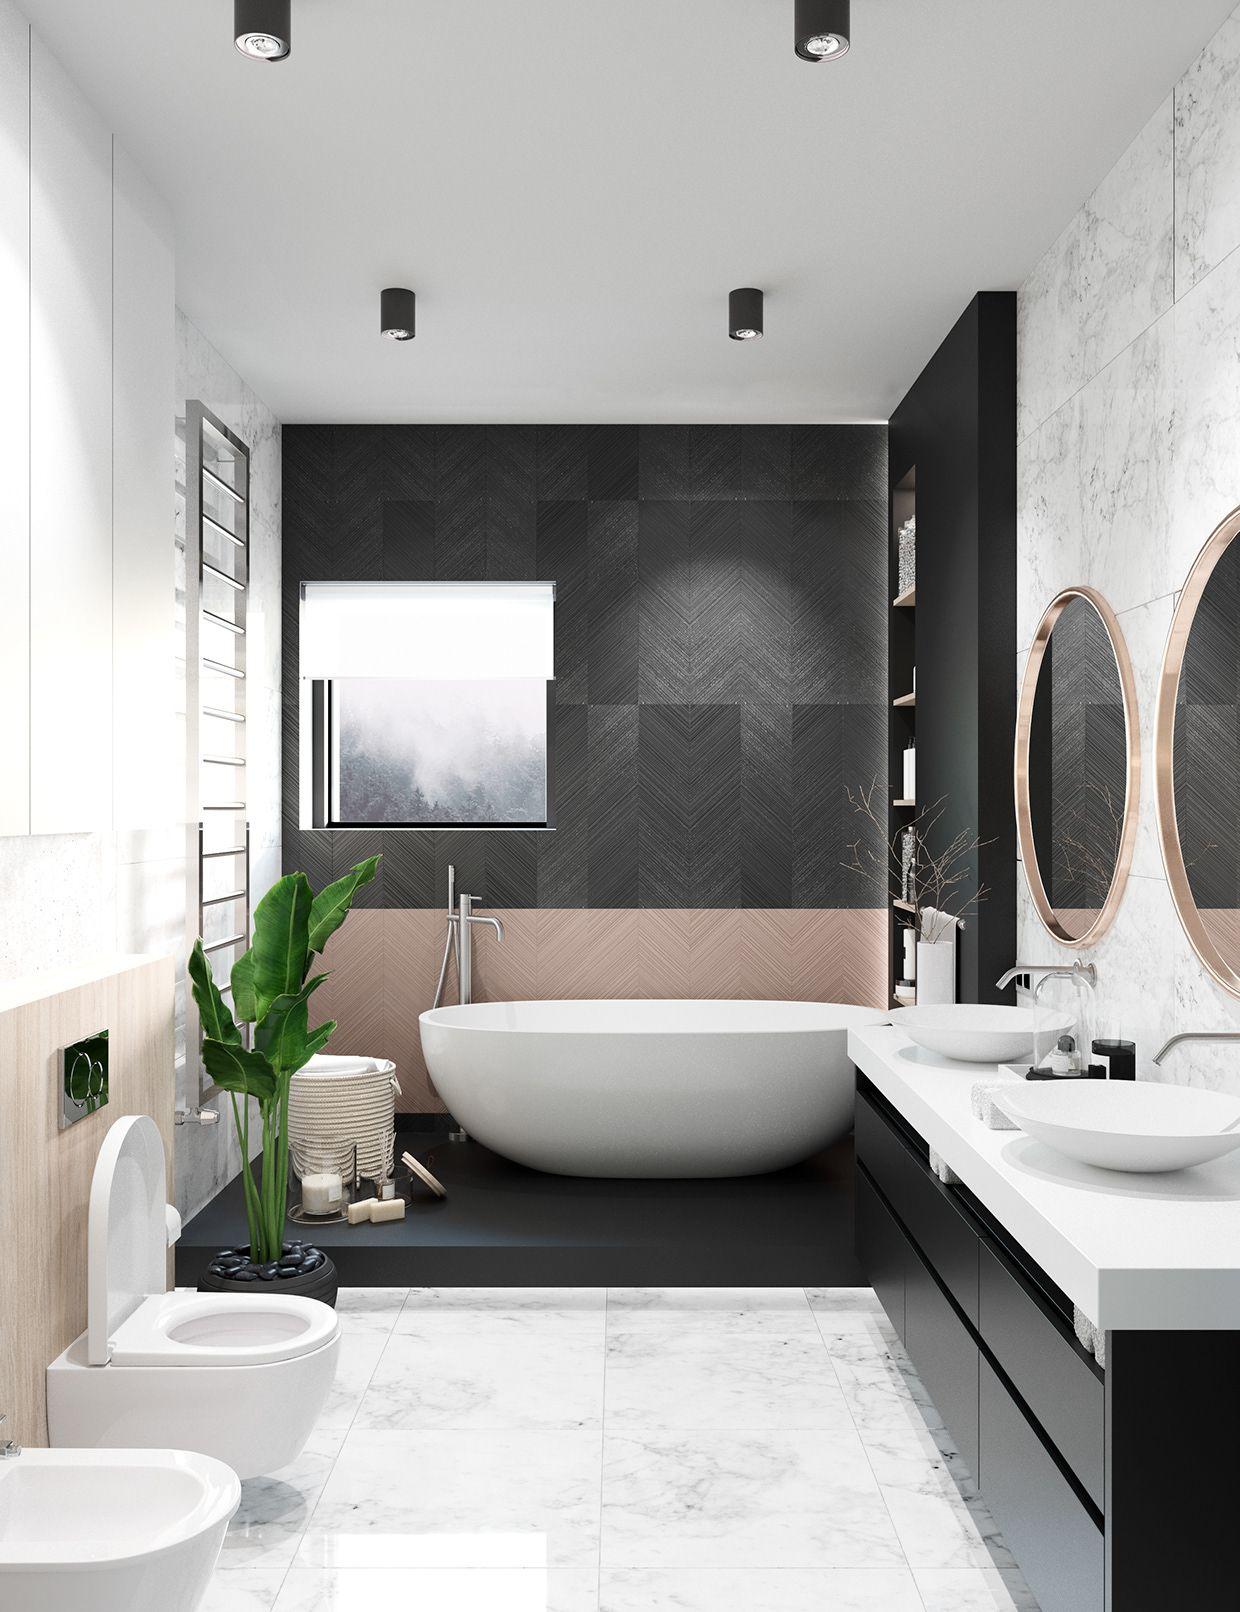 Pin von Sam Shepherd auf bathrooms   Pinterest   Badezimmer ...